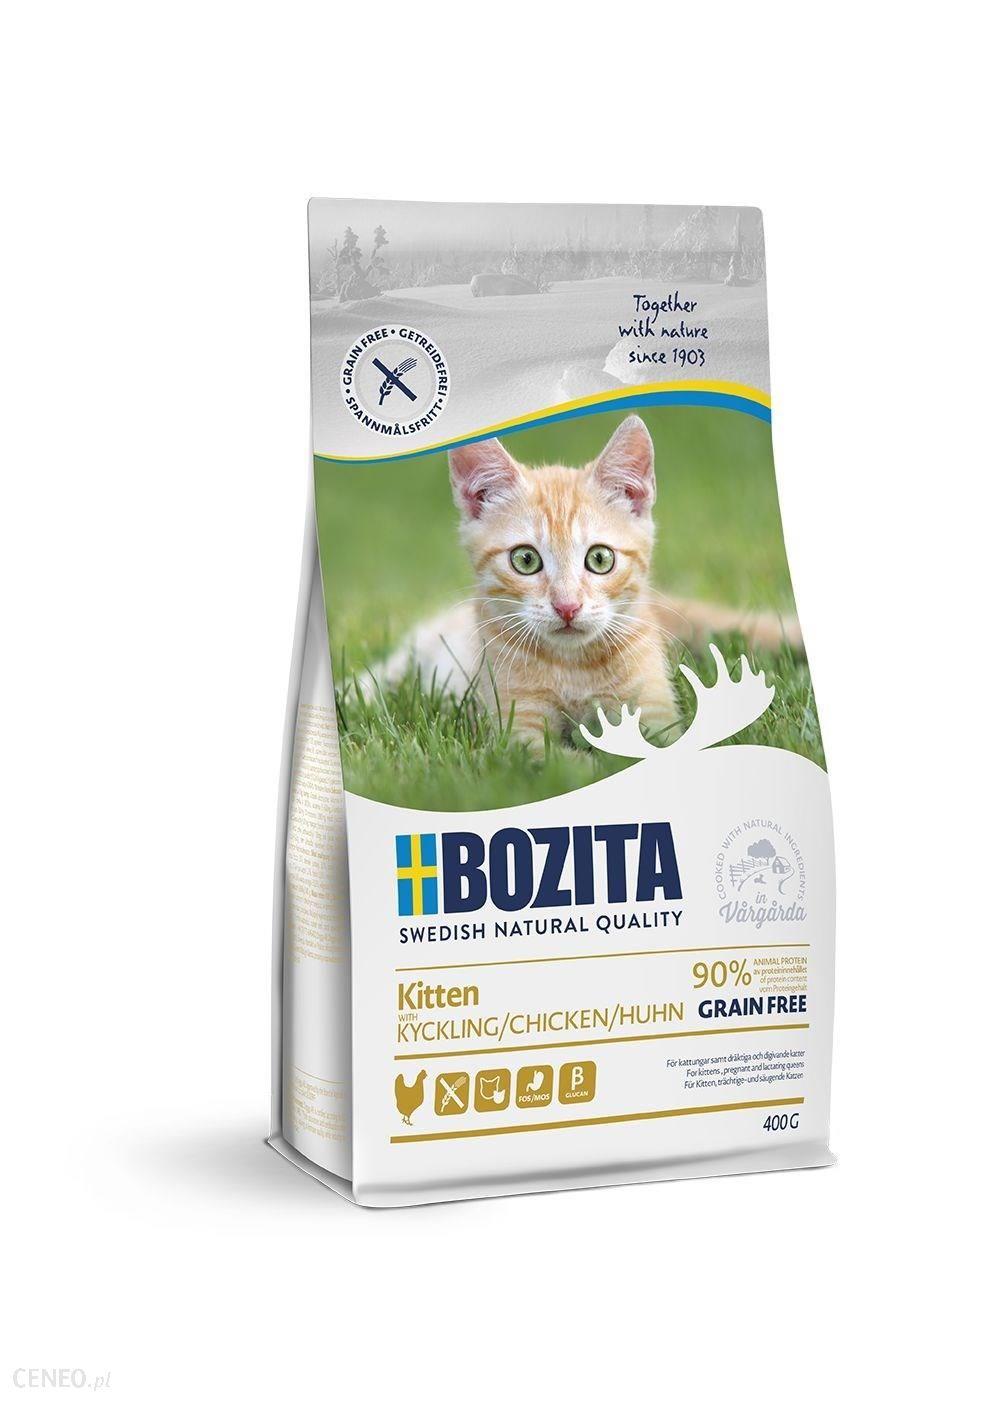 BOZITA Kitten Grain free Kurczak 400g